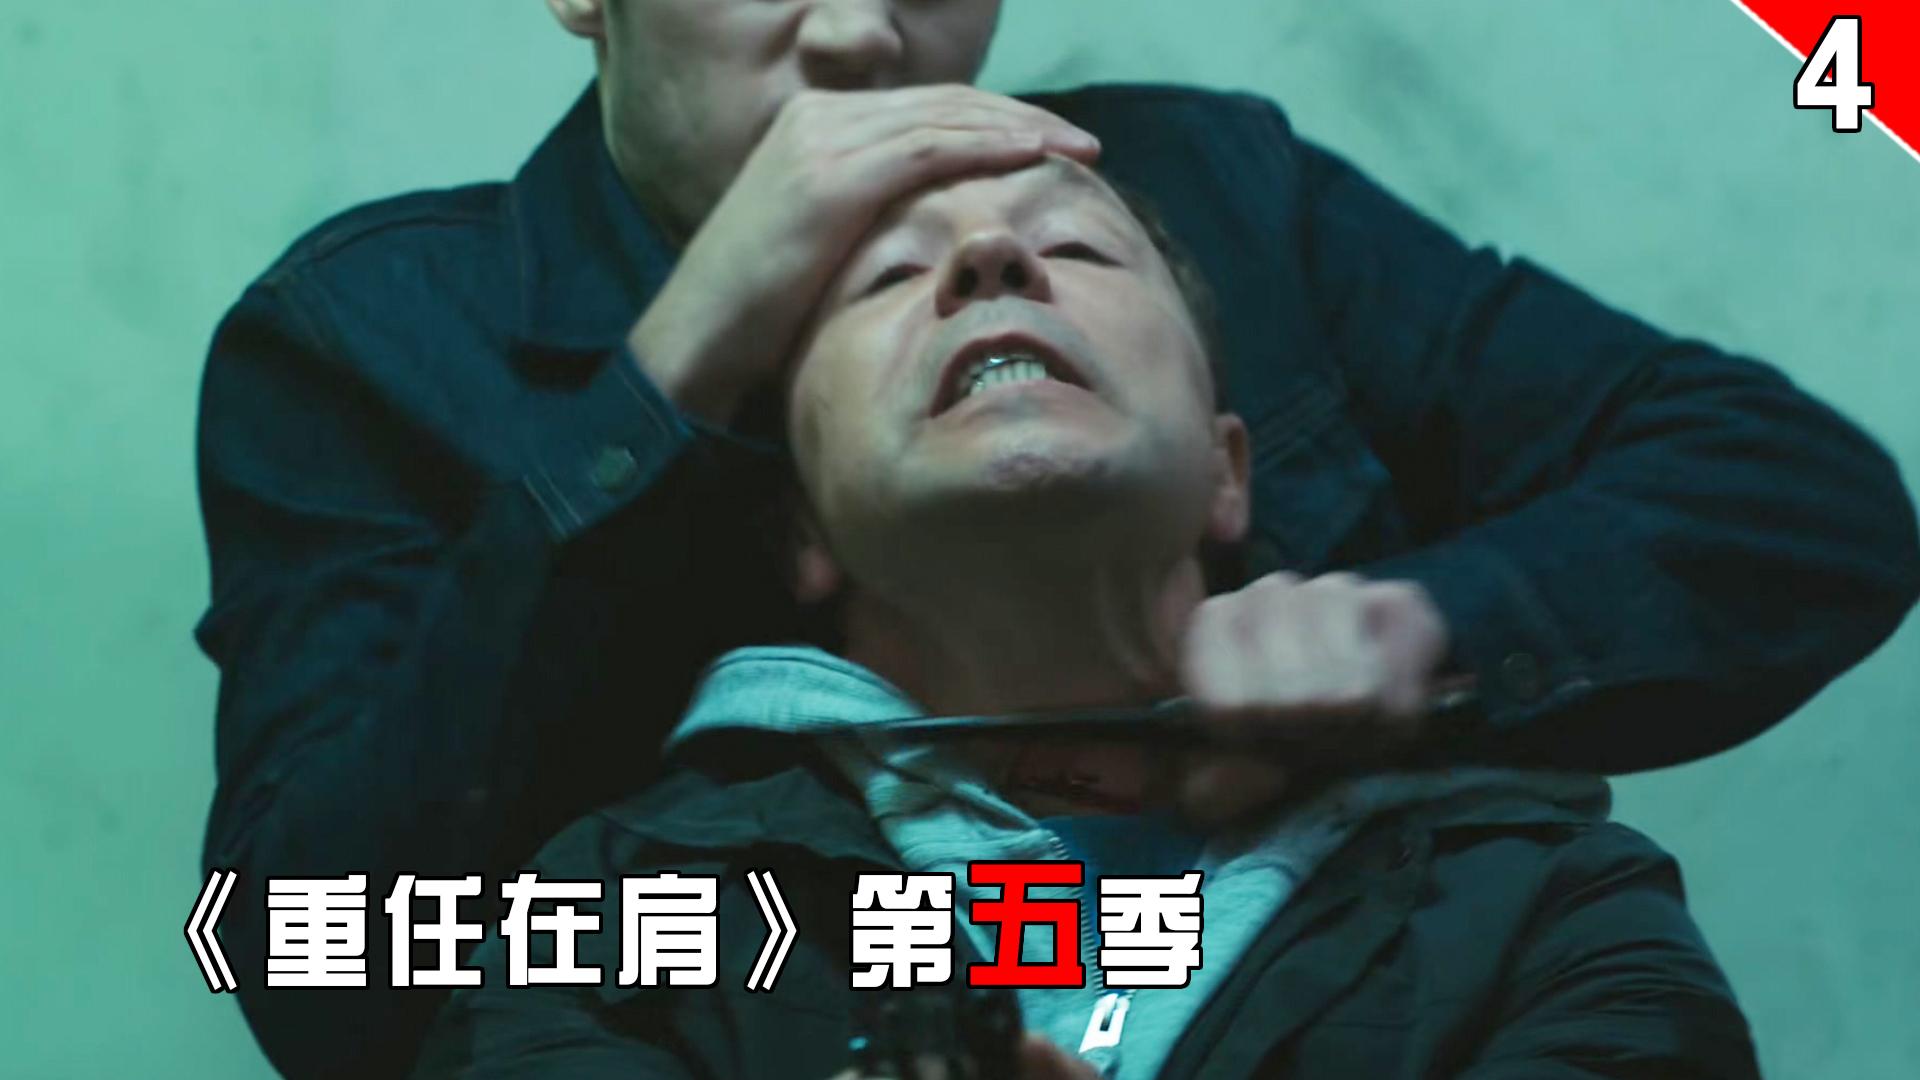 【长工】卧底警察惨遭割喉,警方调查再次受挫《重任在肩》第五季 第4集